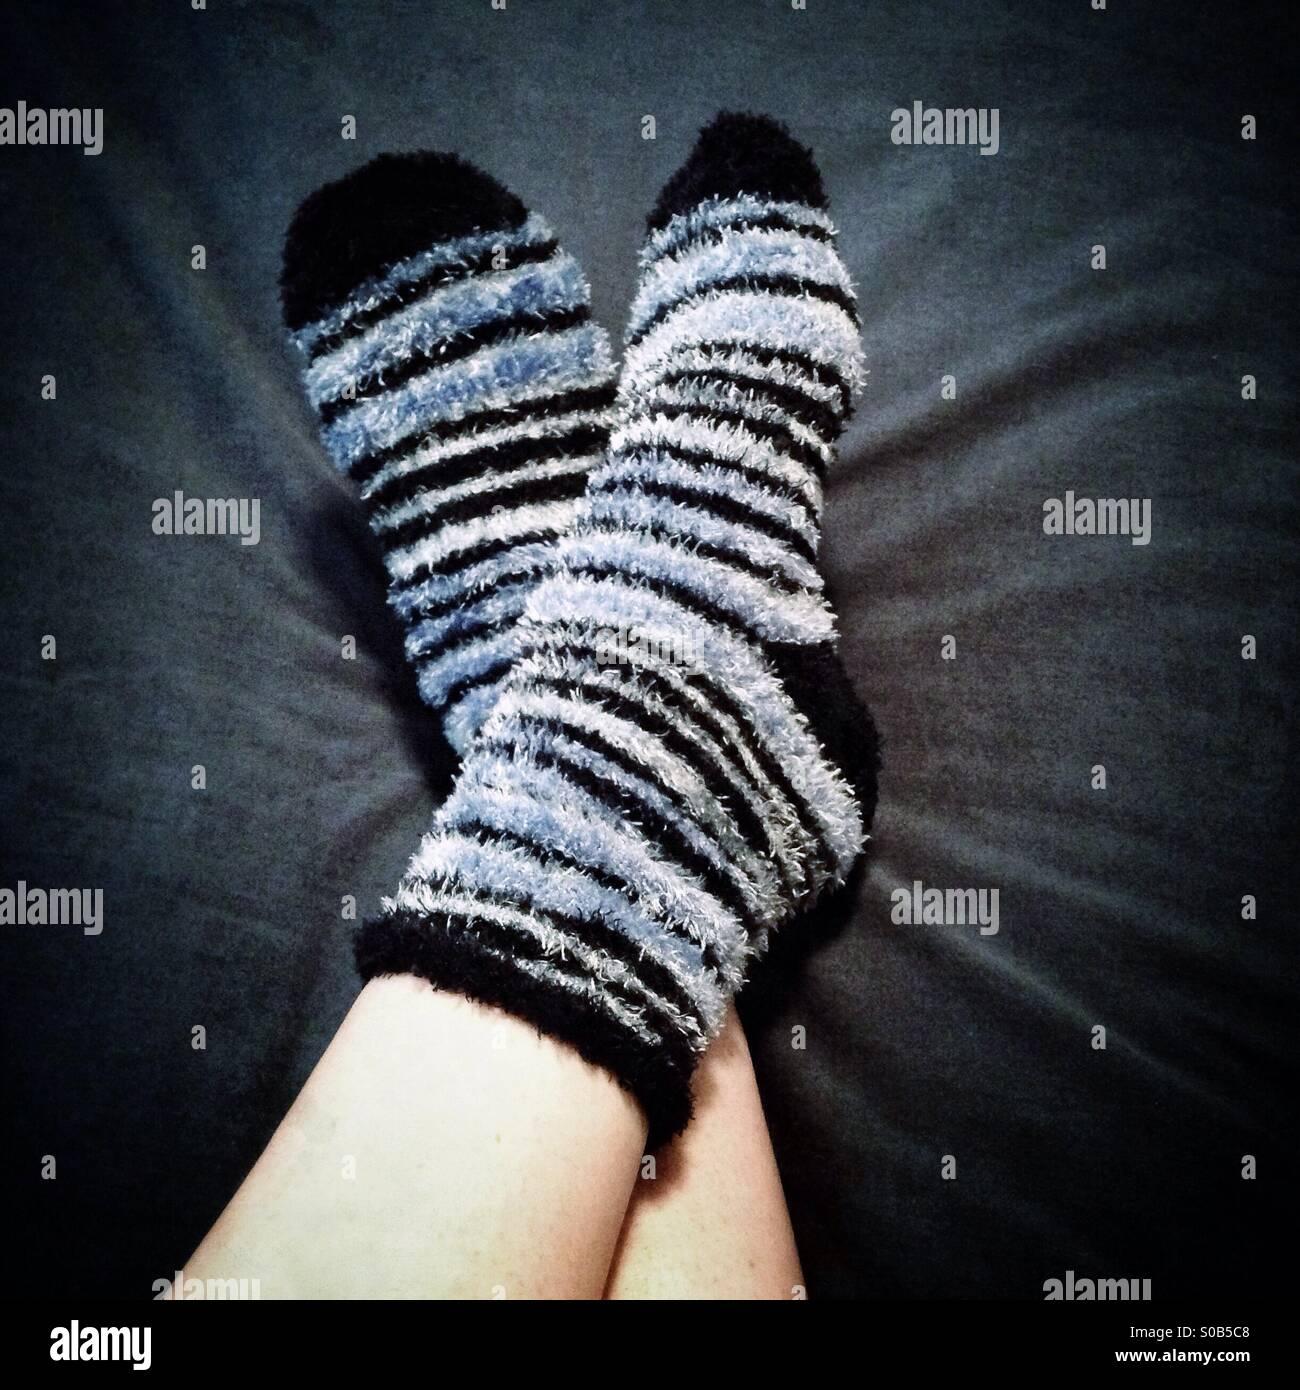 Gemütlich aussehende Füße in warme, flauschige Socken. Stockbild